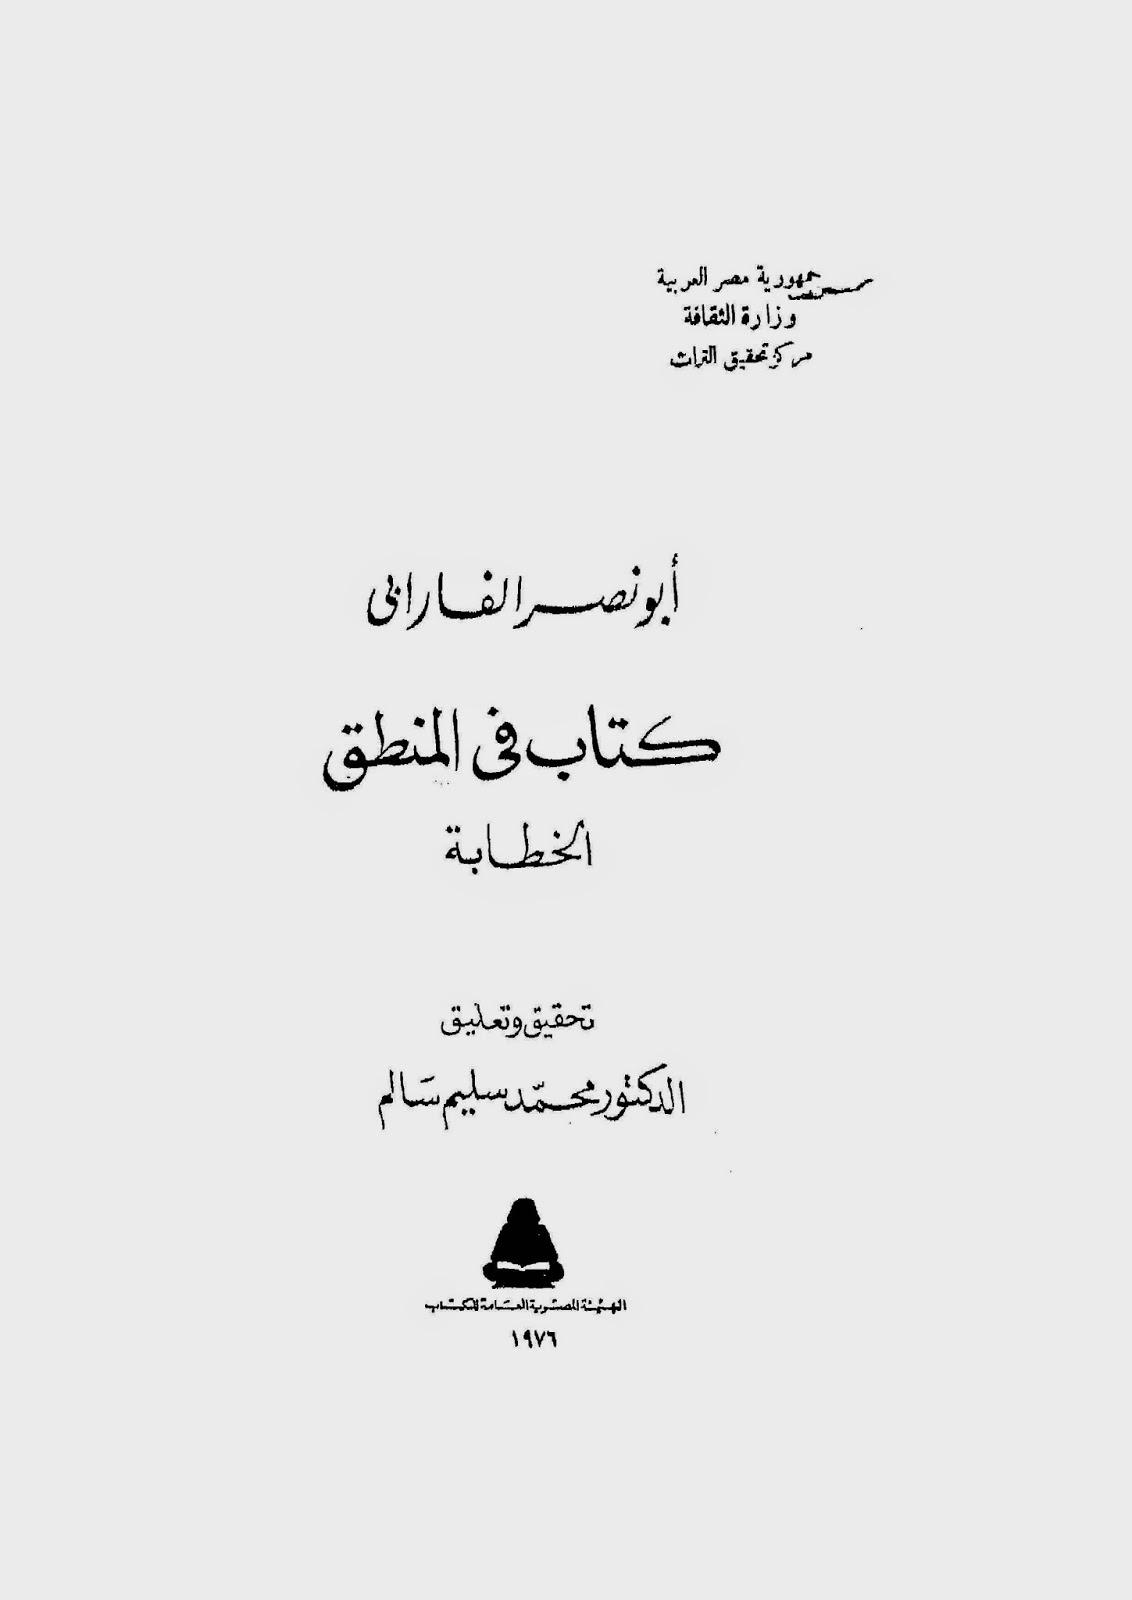 كتاب المنطق في الخطابة لأبي نصر الفارابي